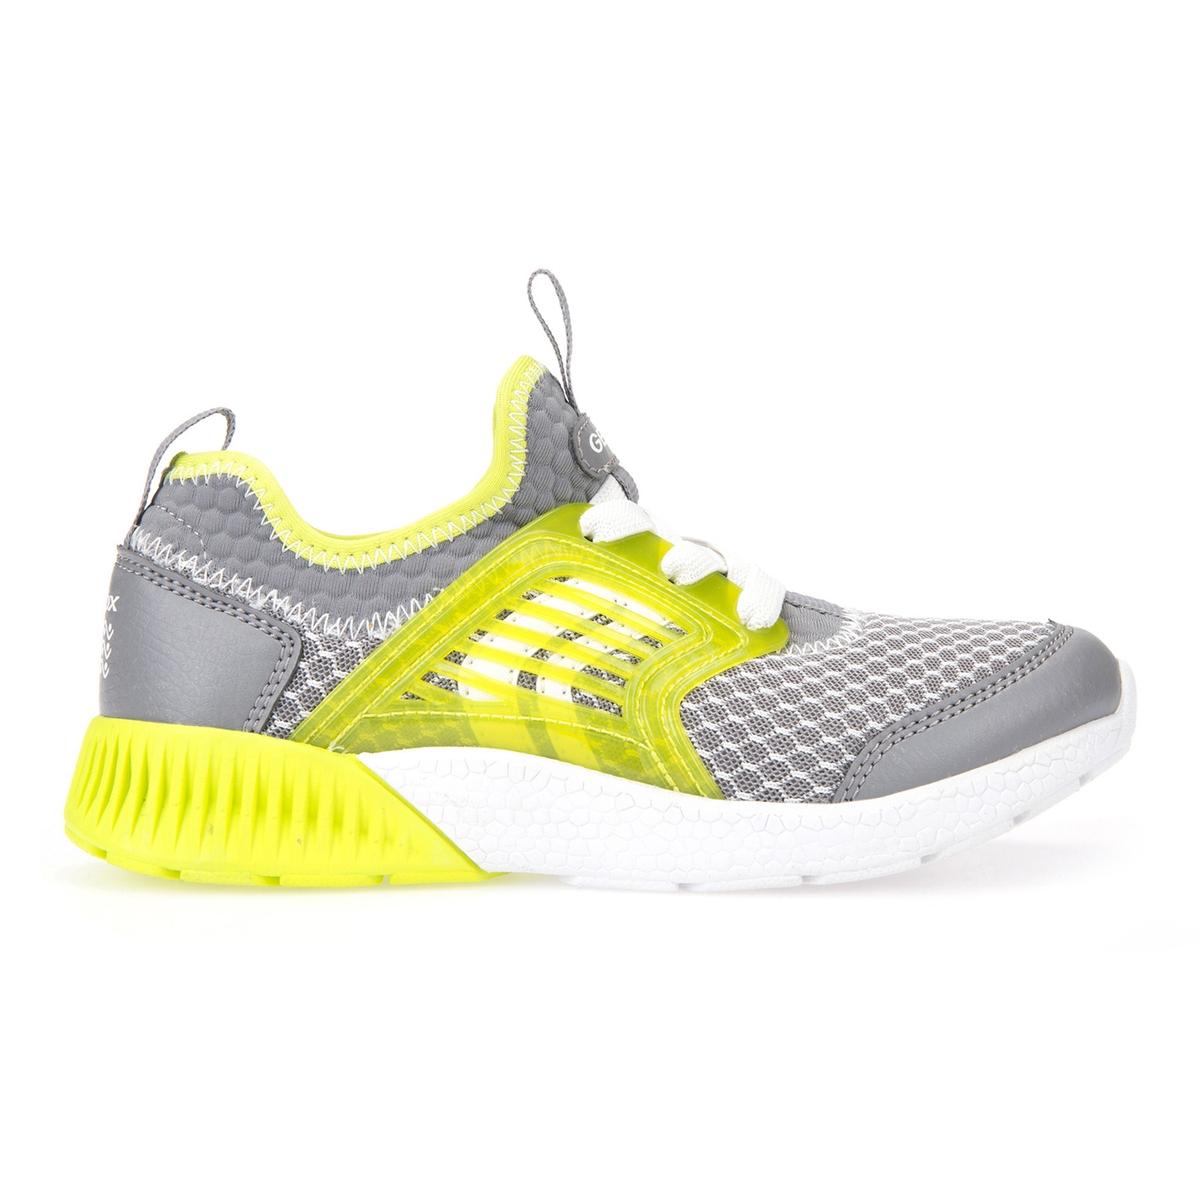 Кеды J SVETH B. AДетали: •  Спортивный стиль. •  Плоский каблук. •  Застежка: шнуровка.Состав и уход: •  Верх: 62% синтетического материала, 38% текстиля. •  Подкладка: 100% текстиль. •  Подошва: 60% эва, 40% каучука.<br><br>Цвет: серый/ желтый